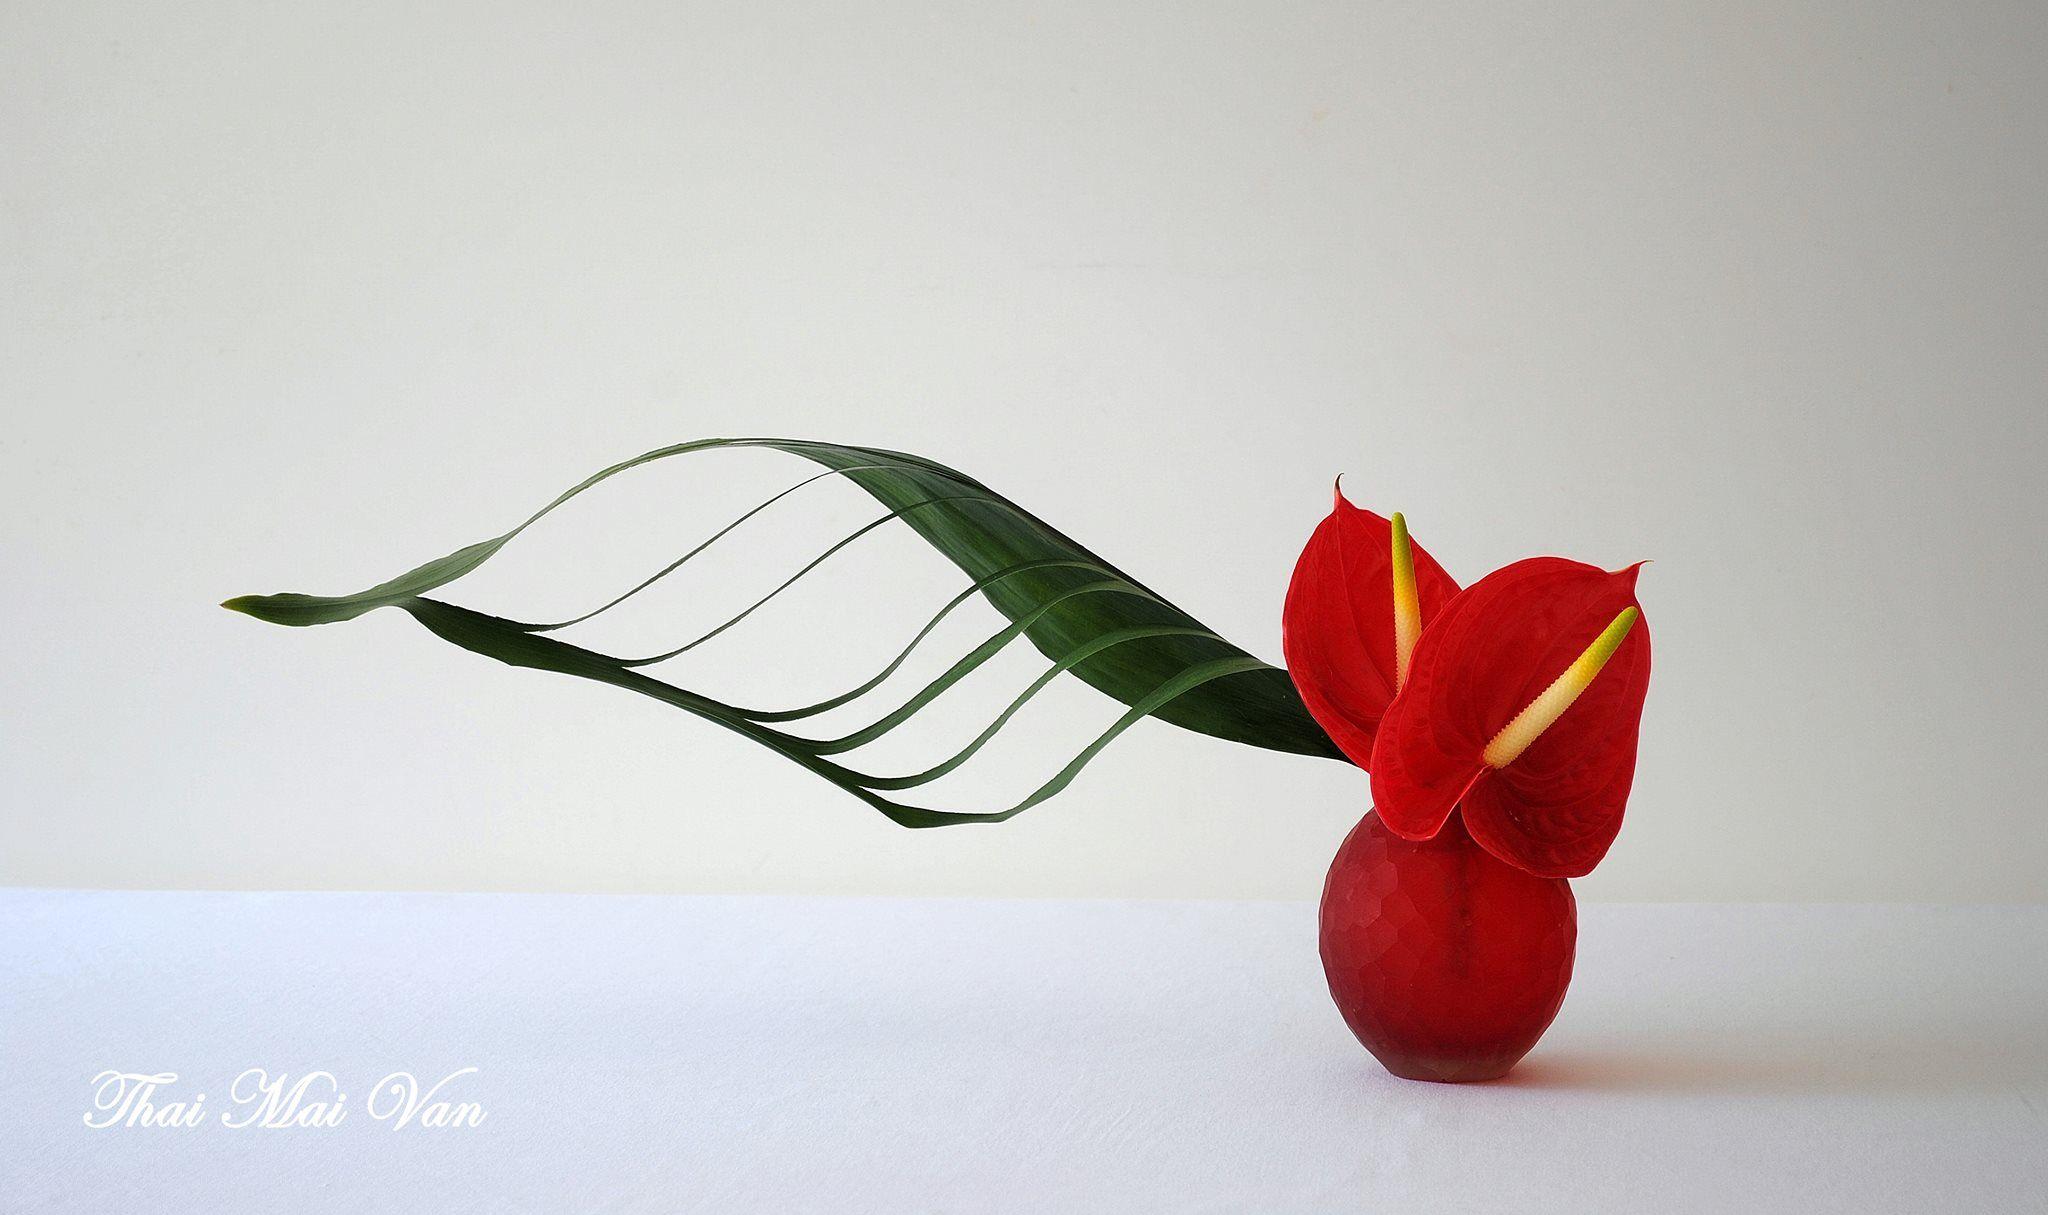 Ikebana Ikebana Flower Arrangement Abstract Flowers Ikebana Arrangements